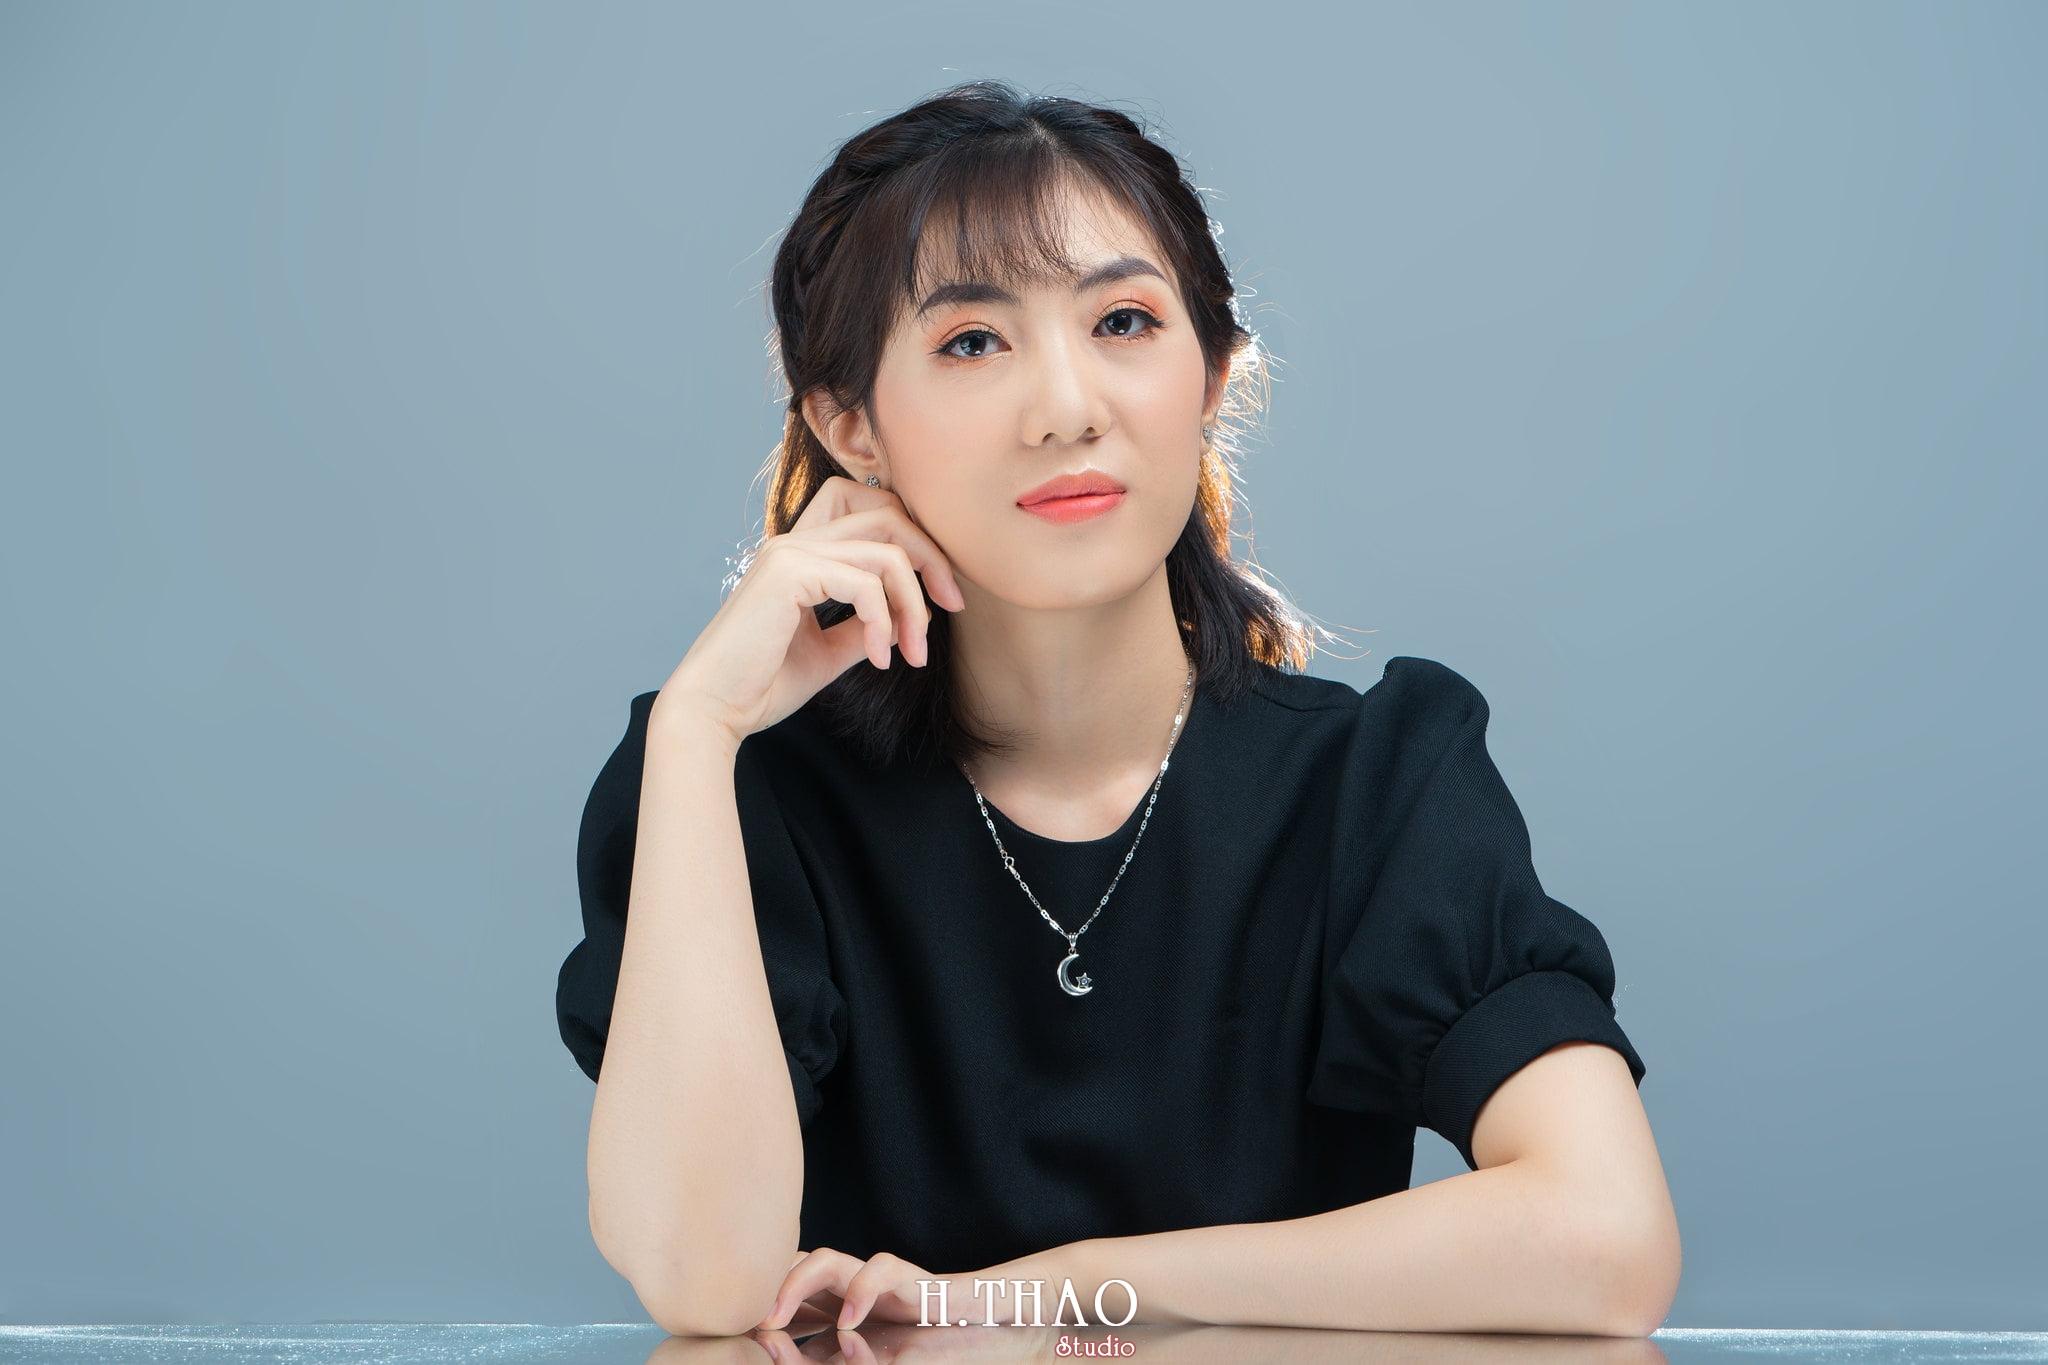 Minh Thuy 10 - Album ảnh profile cá nhân nữ Minh Thùy - HThao Studio